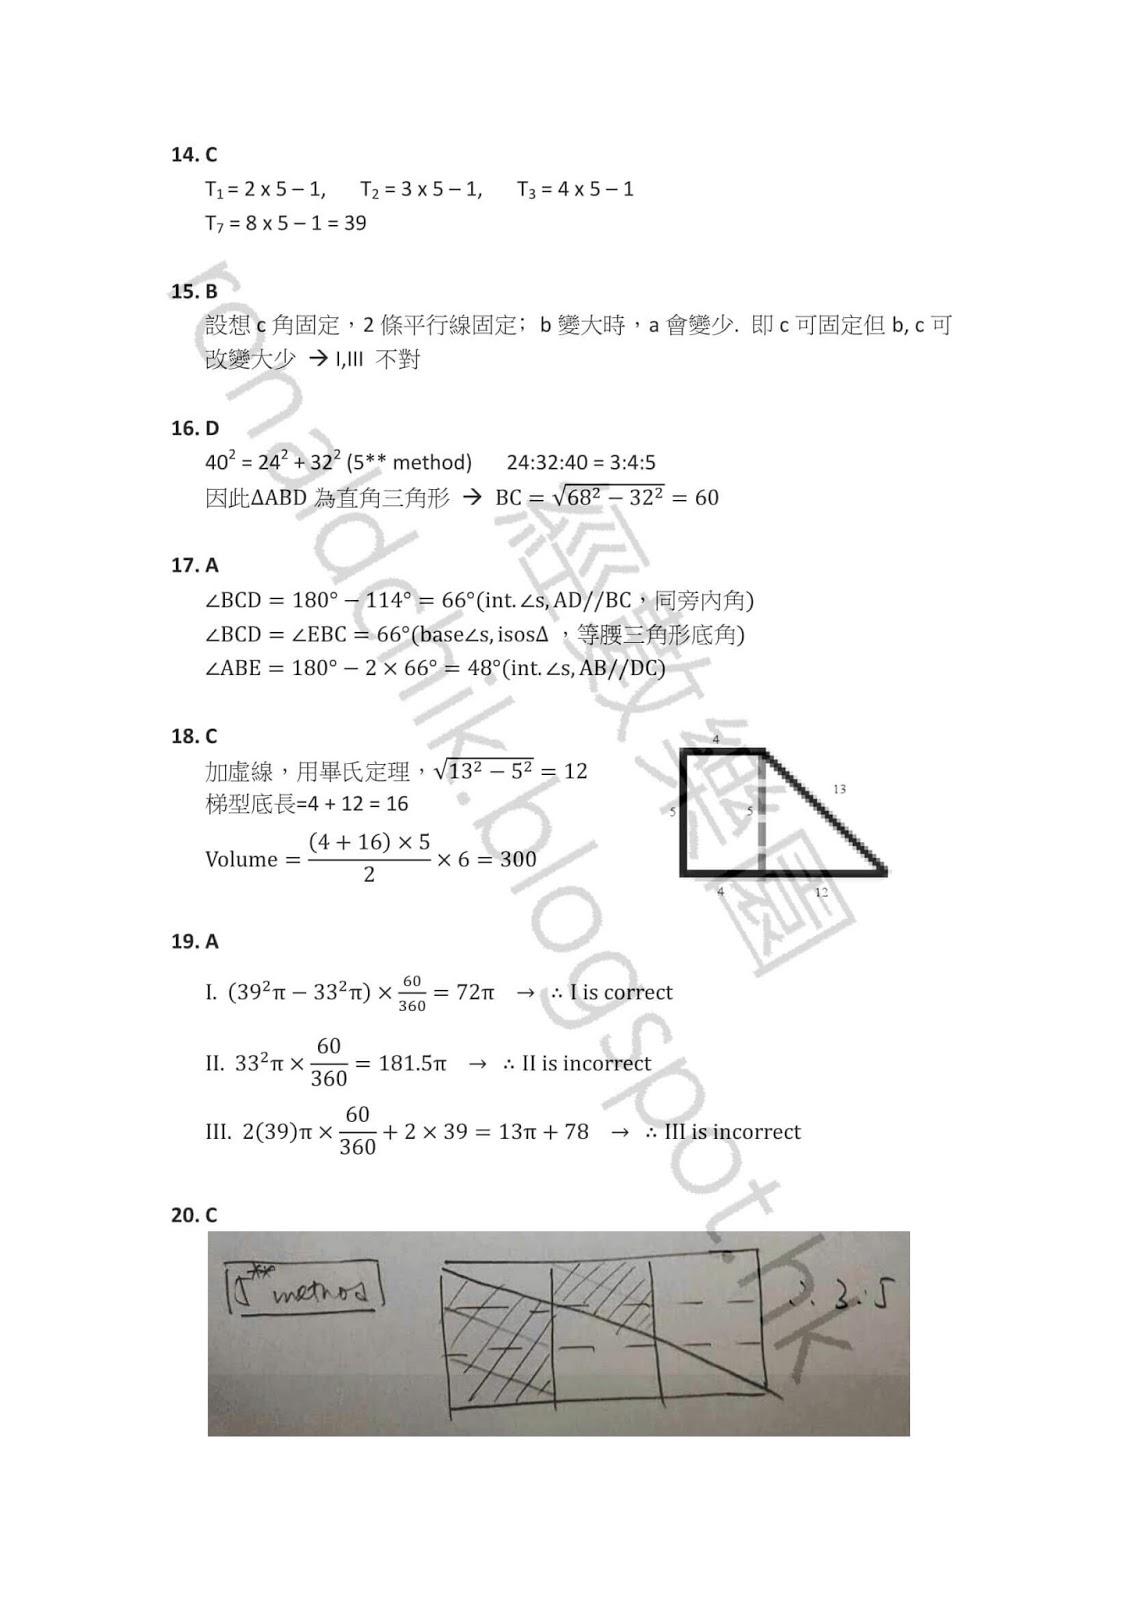 2016 DSE 數學卷二 答案 Q14-20